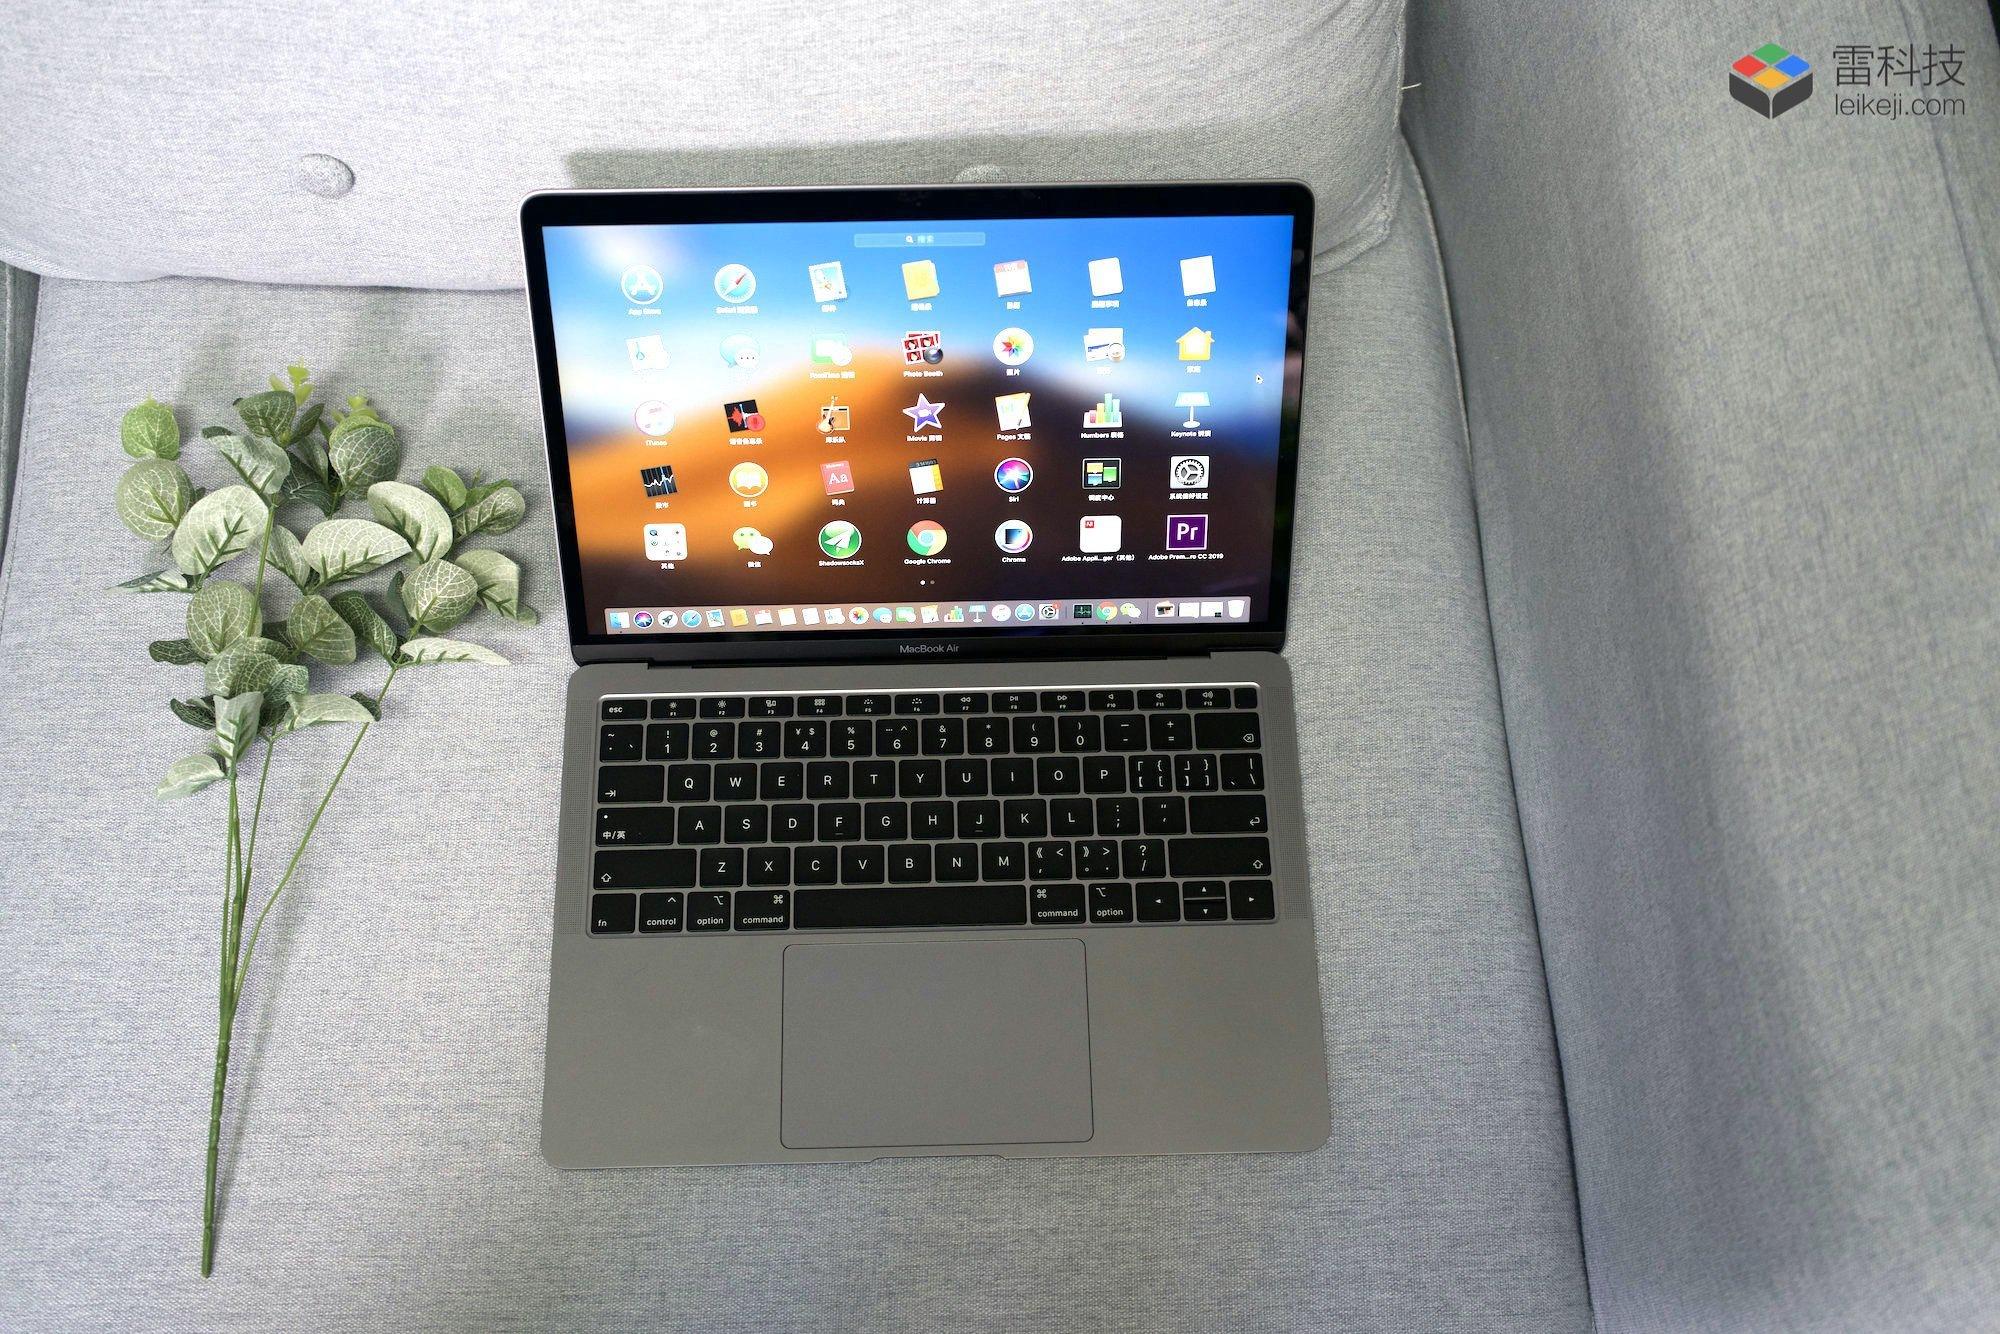 MacBook Air 2018 100天體驗:優缺點都明顯